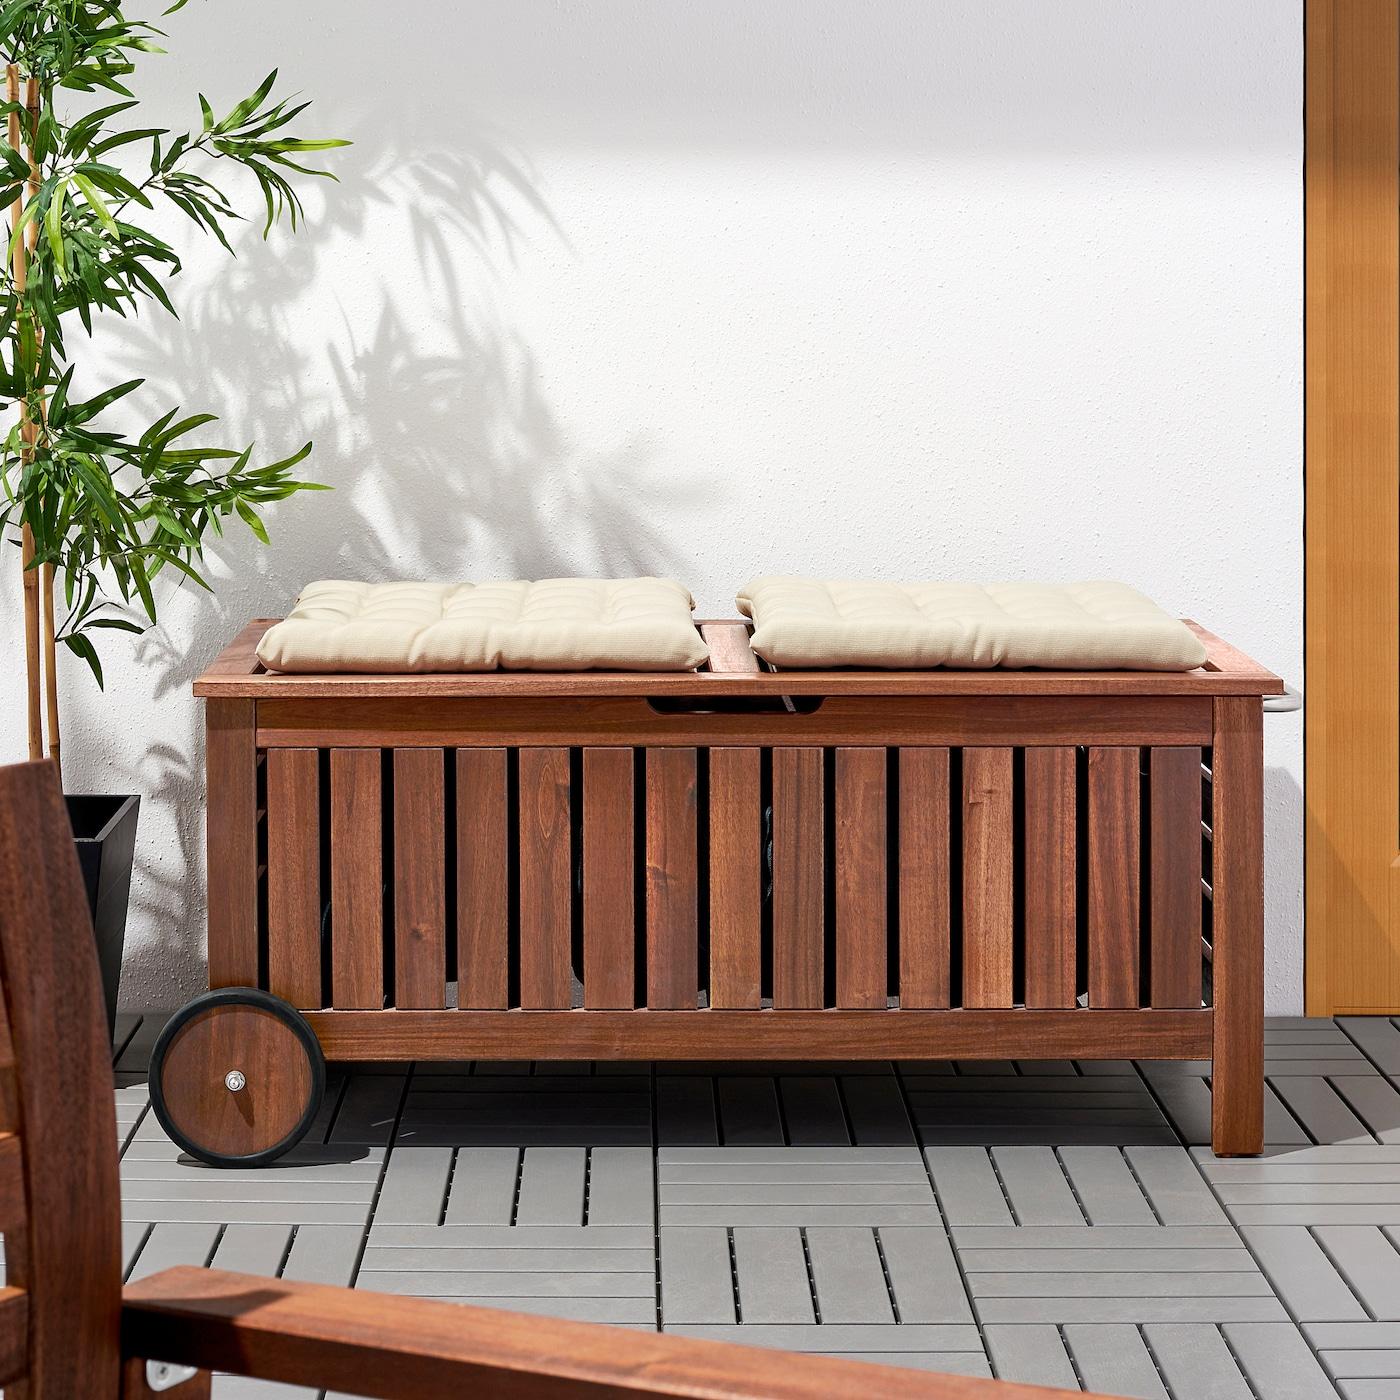 Faire Un Banc Avec Meuble Ikea ÄpplarÖ banc rangement, extérieur - teinté brun 128x57 cm